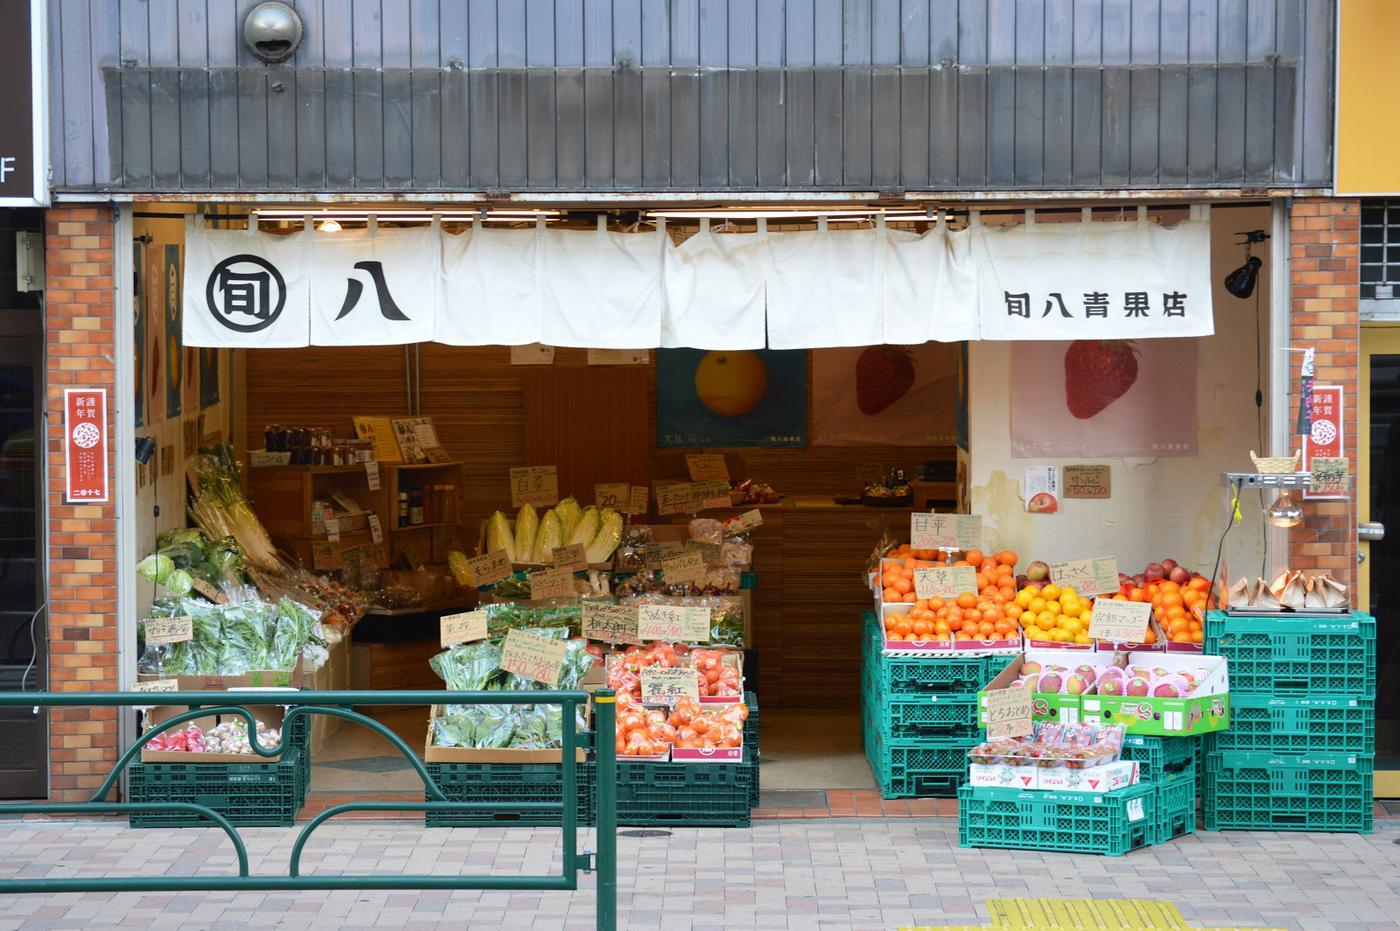 旬八青果店-店舗-外観